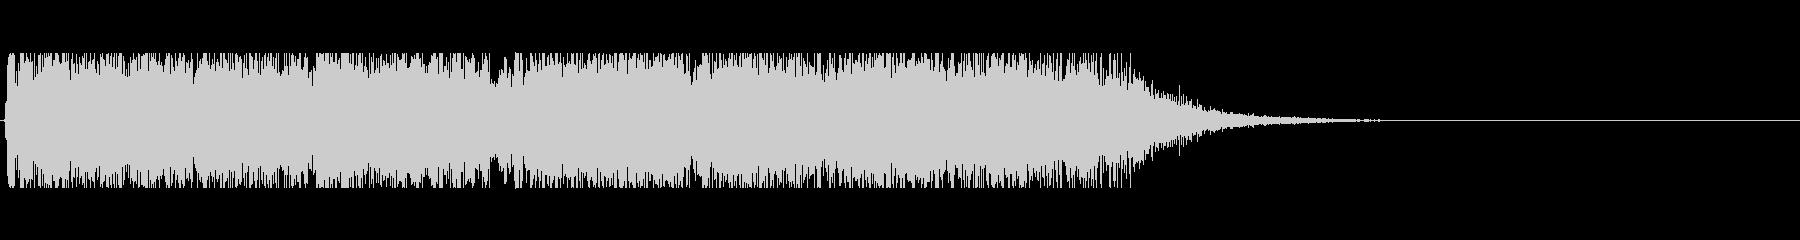 ジャズコンボによるジングル アイキャッチの未再生の波形